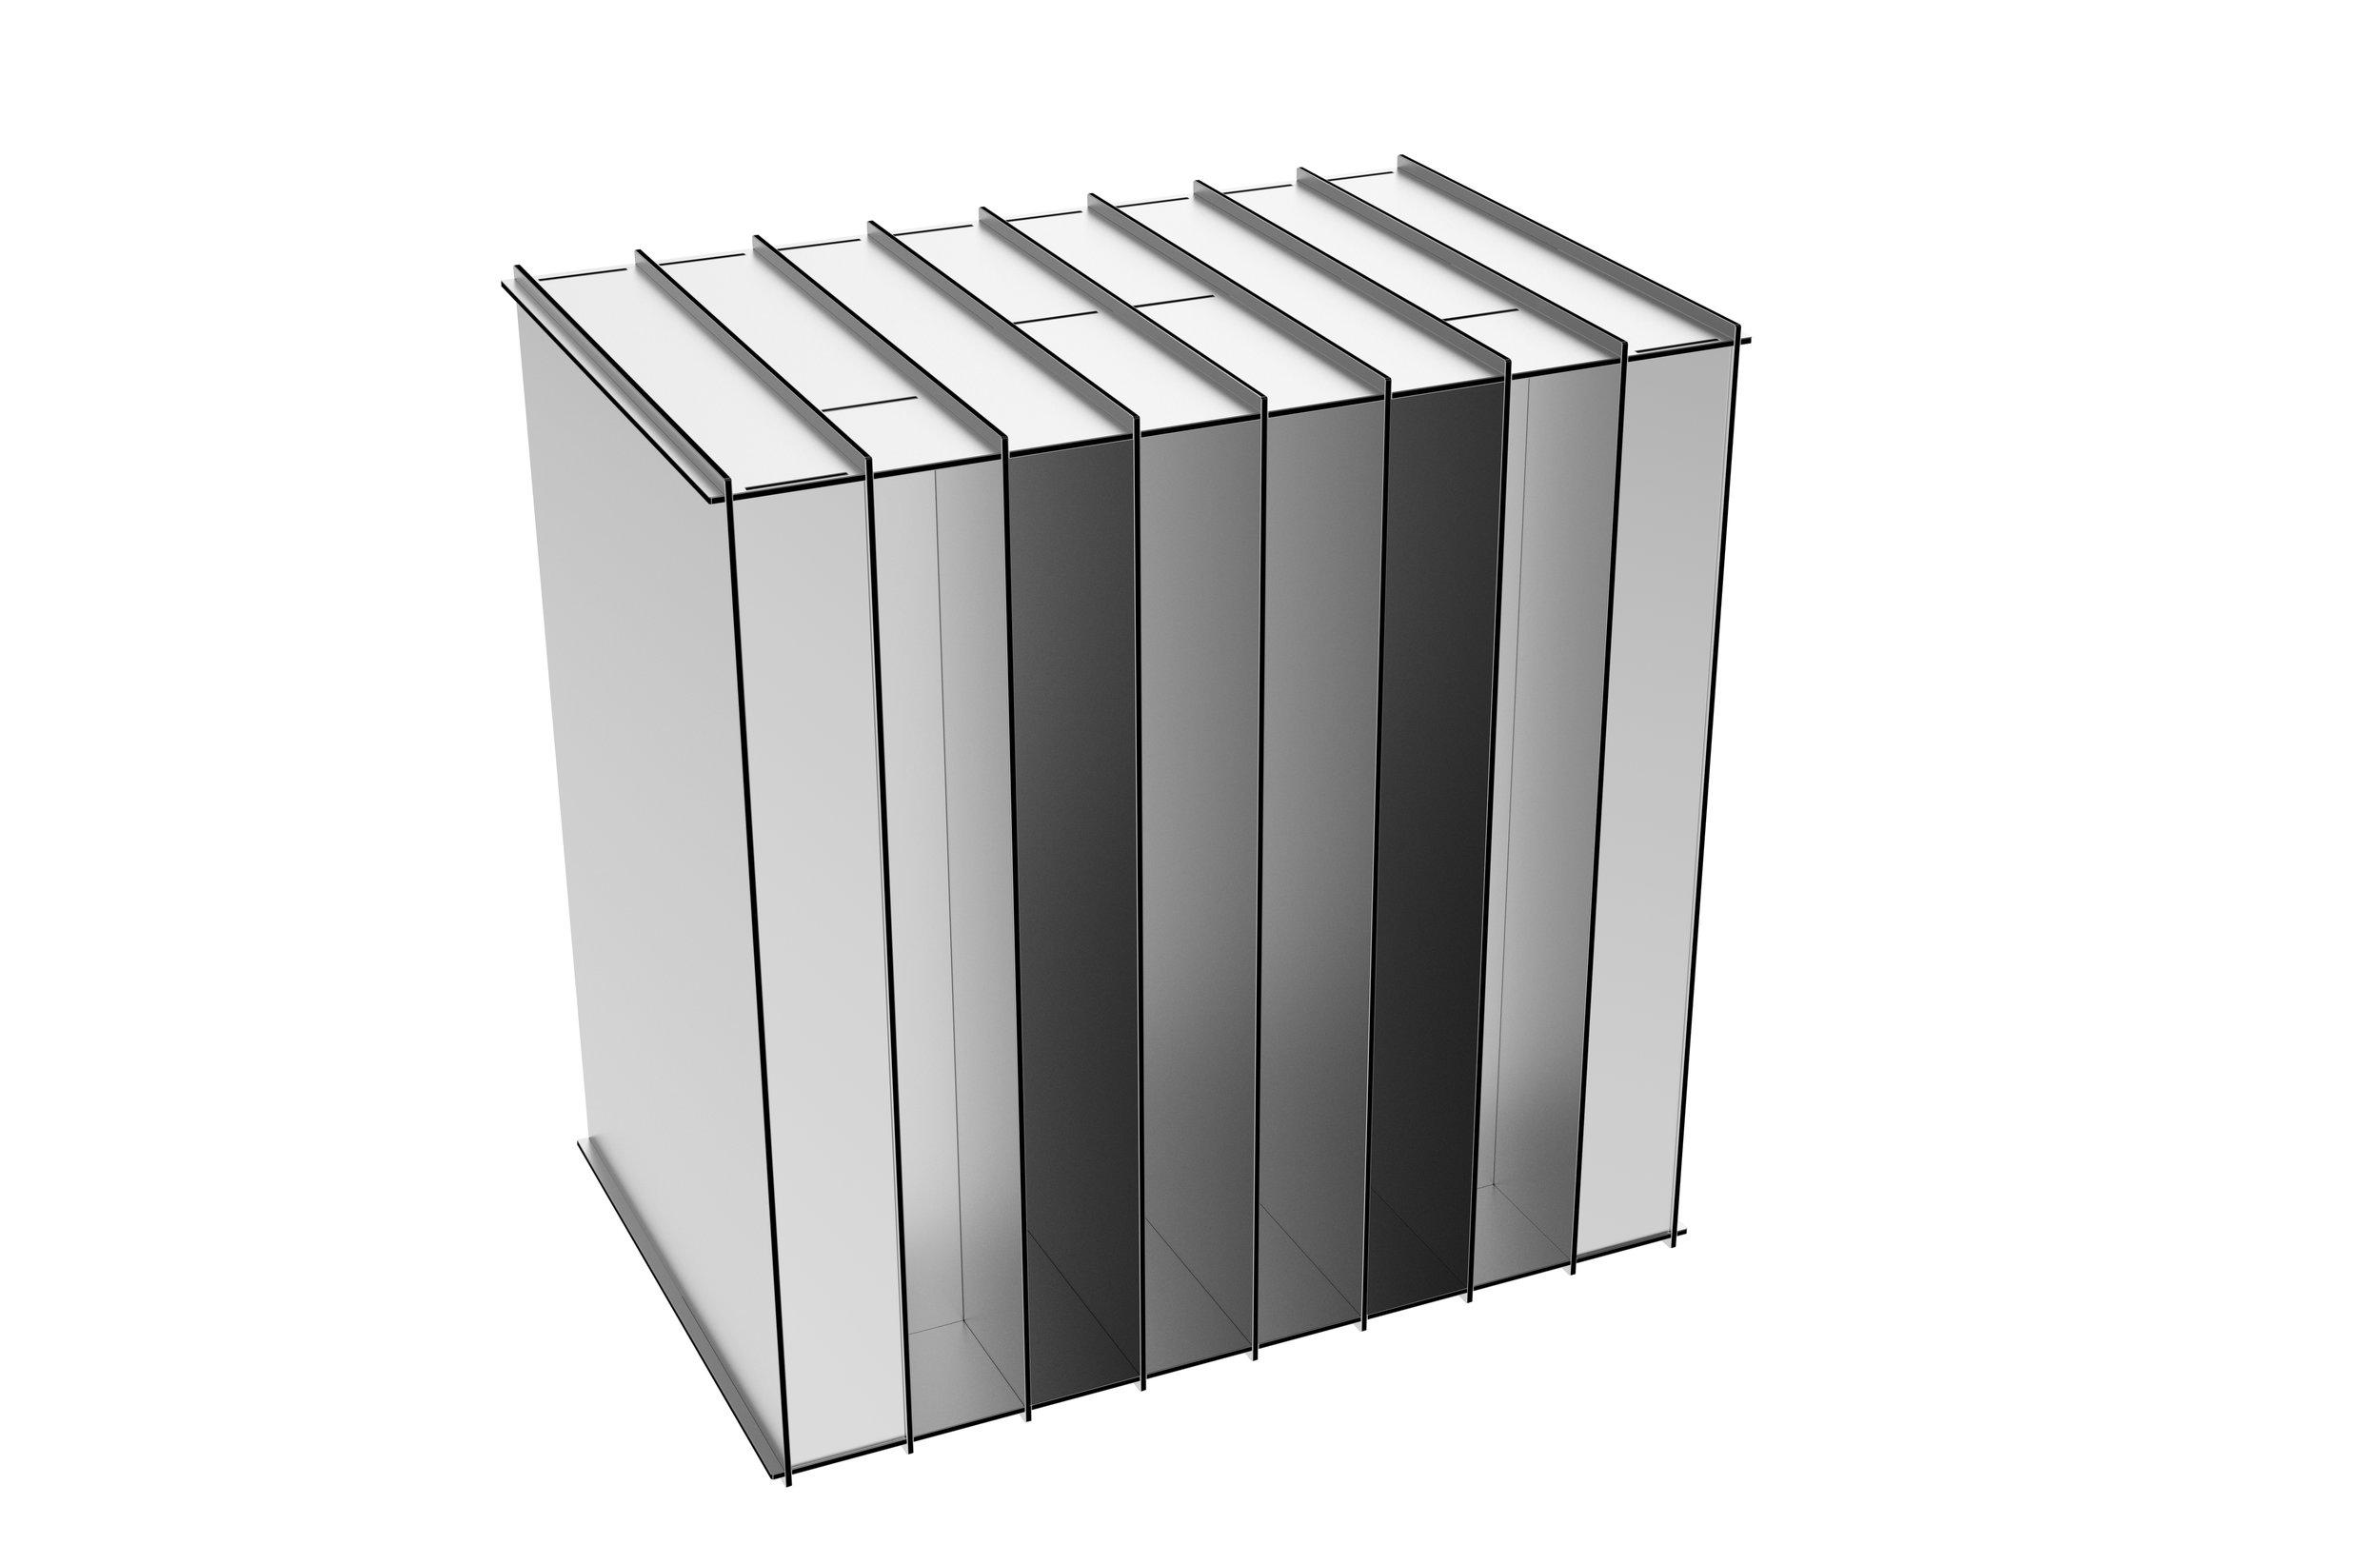 quadratic_diffuser_elio_amato_perspektive.jpg